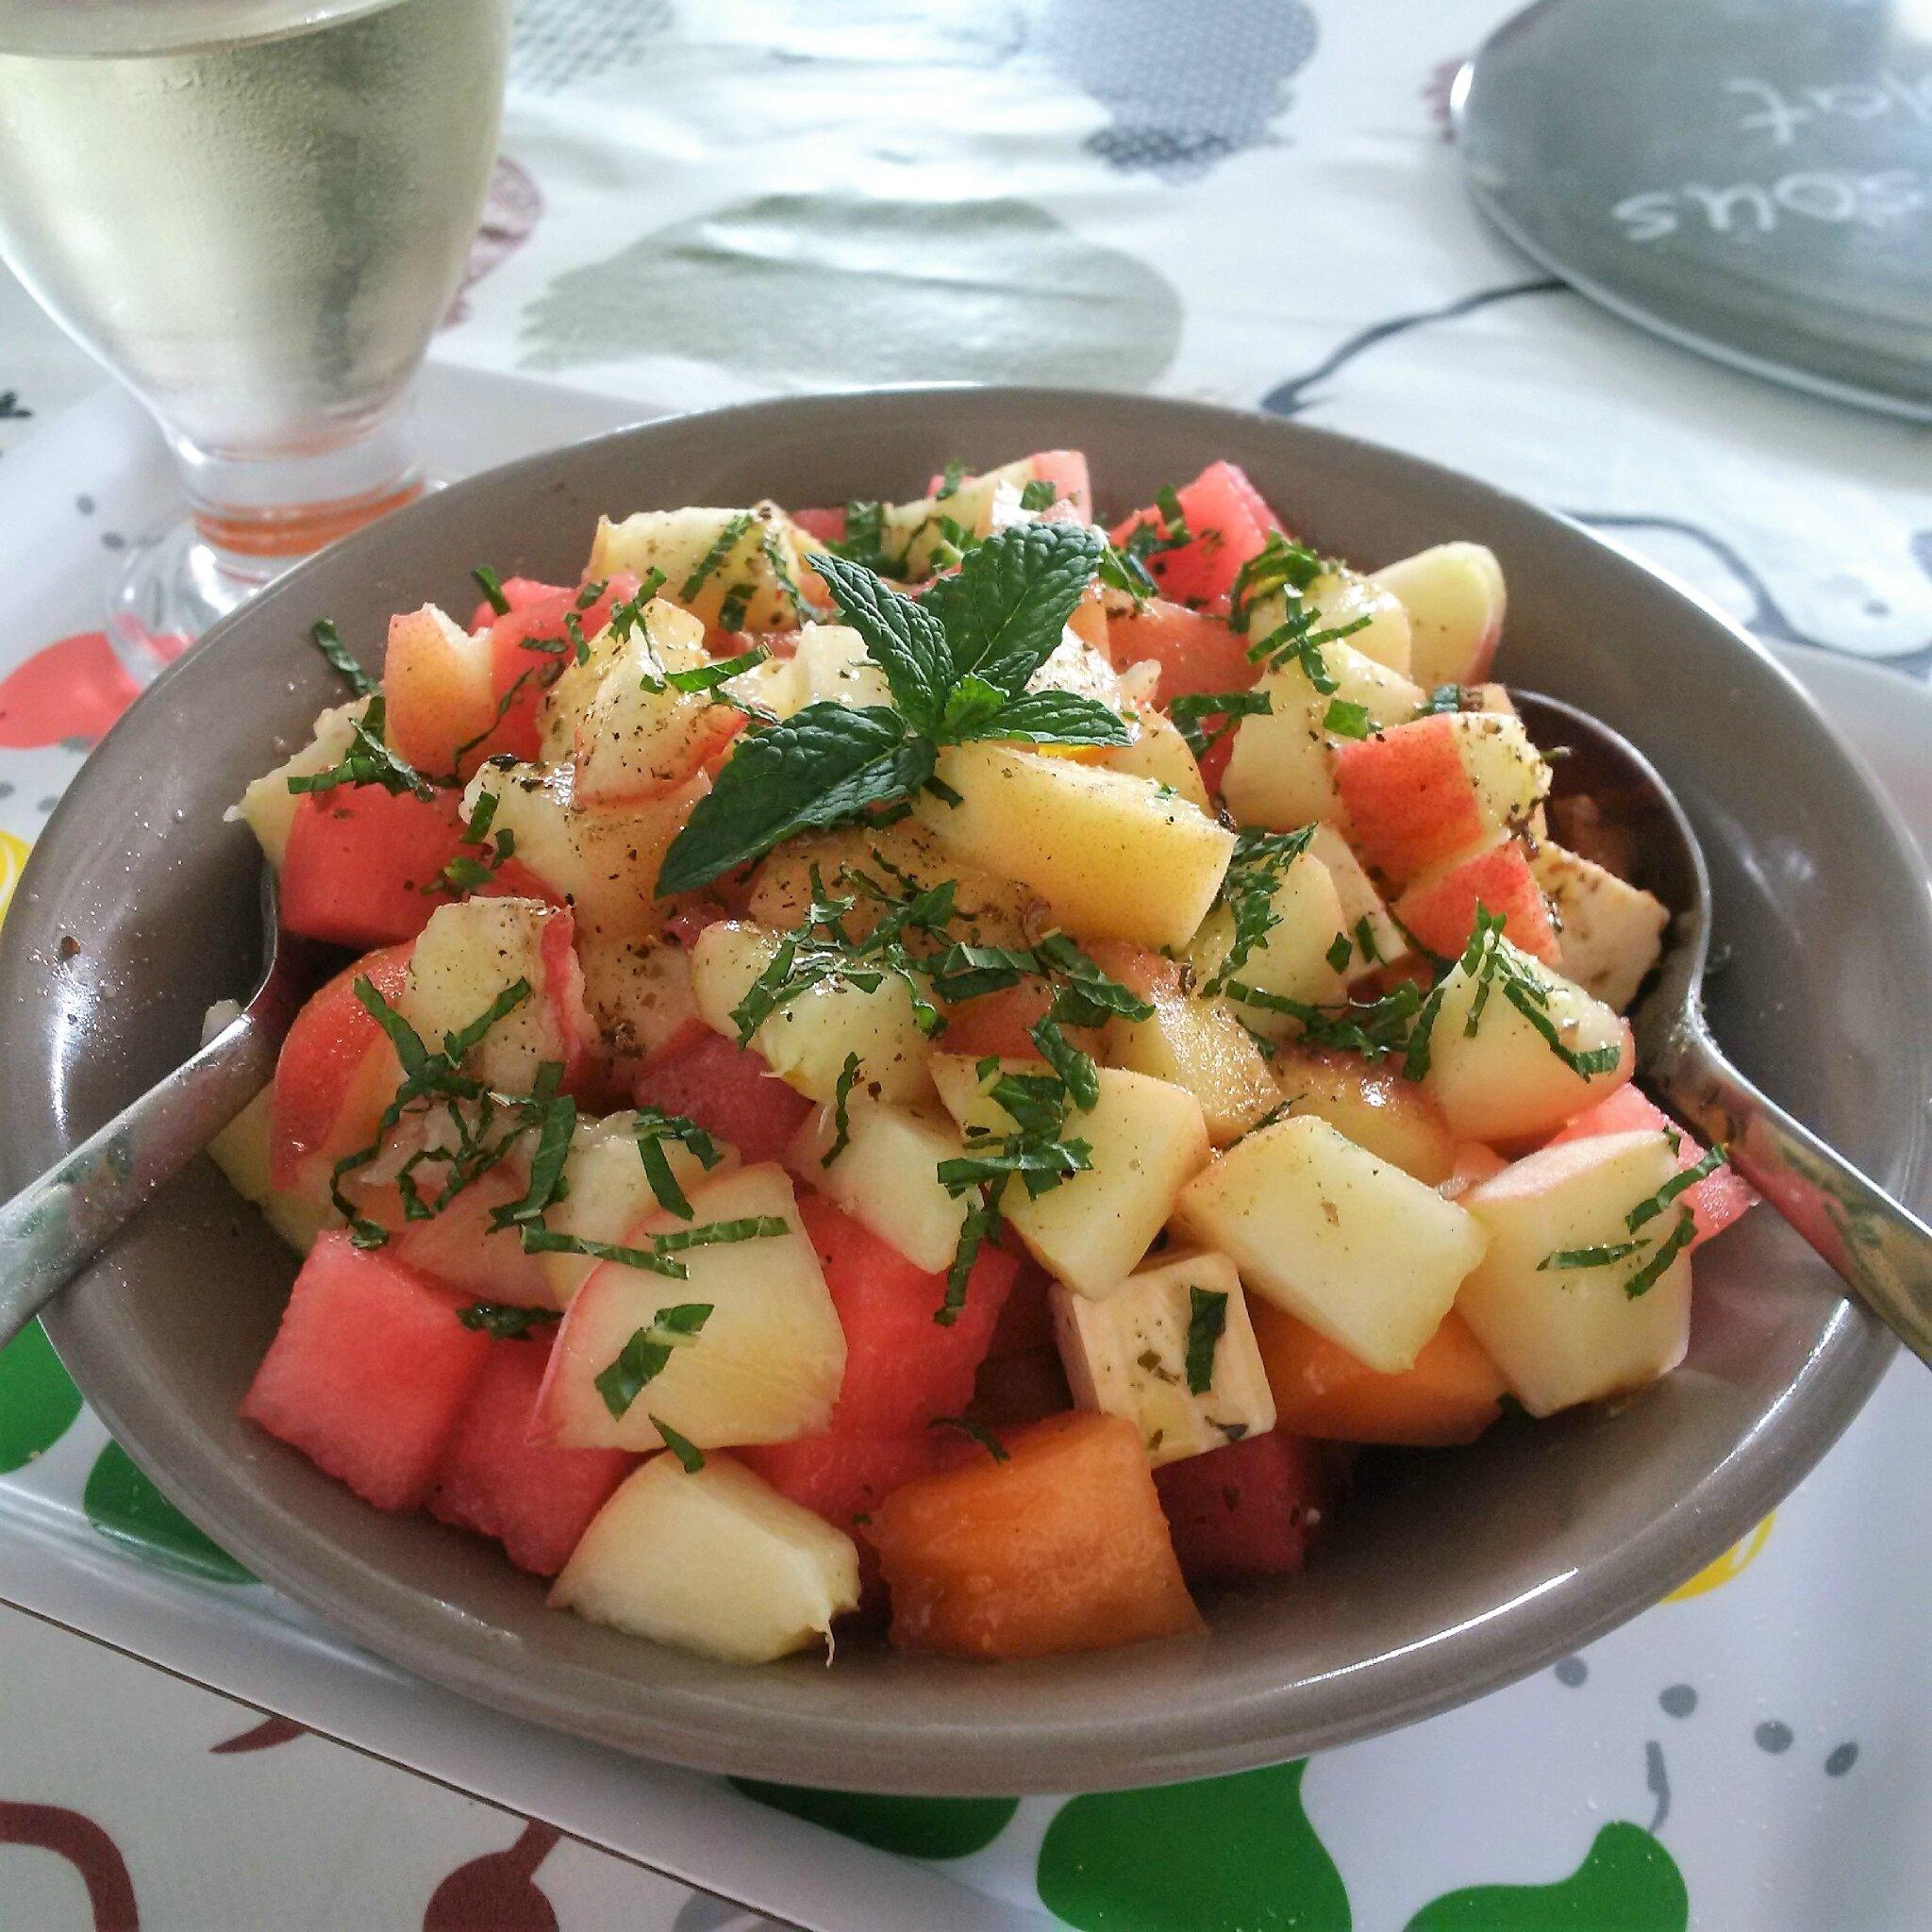 Salade Pastèque, Melon, Pêche Blanche, Feta et Menthe